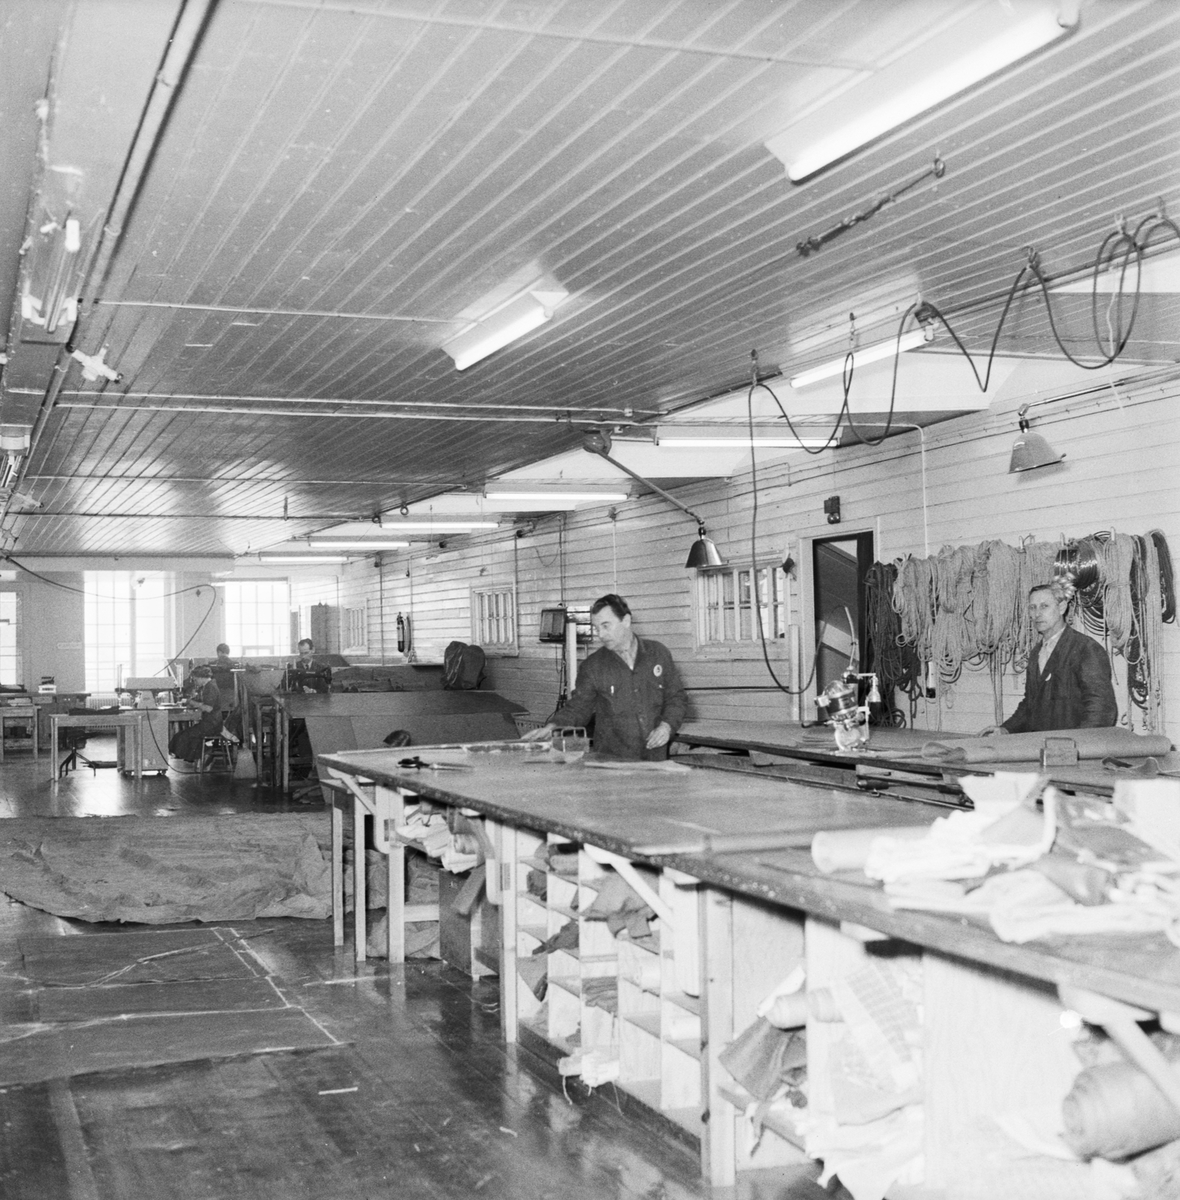 Övrigt: Foto datum: 13/3 1956 Byggnader och kranar Segelsömmareverkstan interiör. Närmast identisk bild: V8806, ej skannad